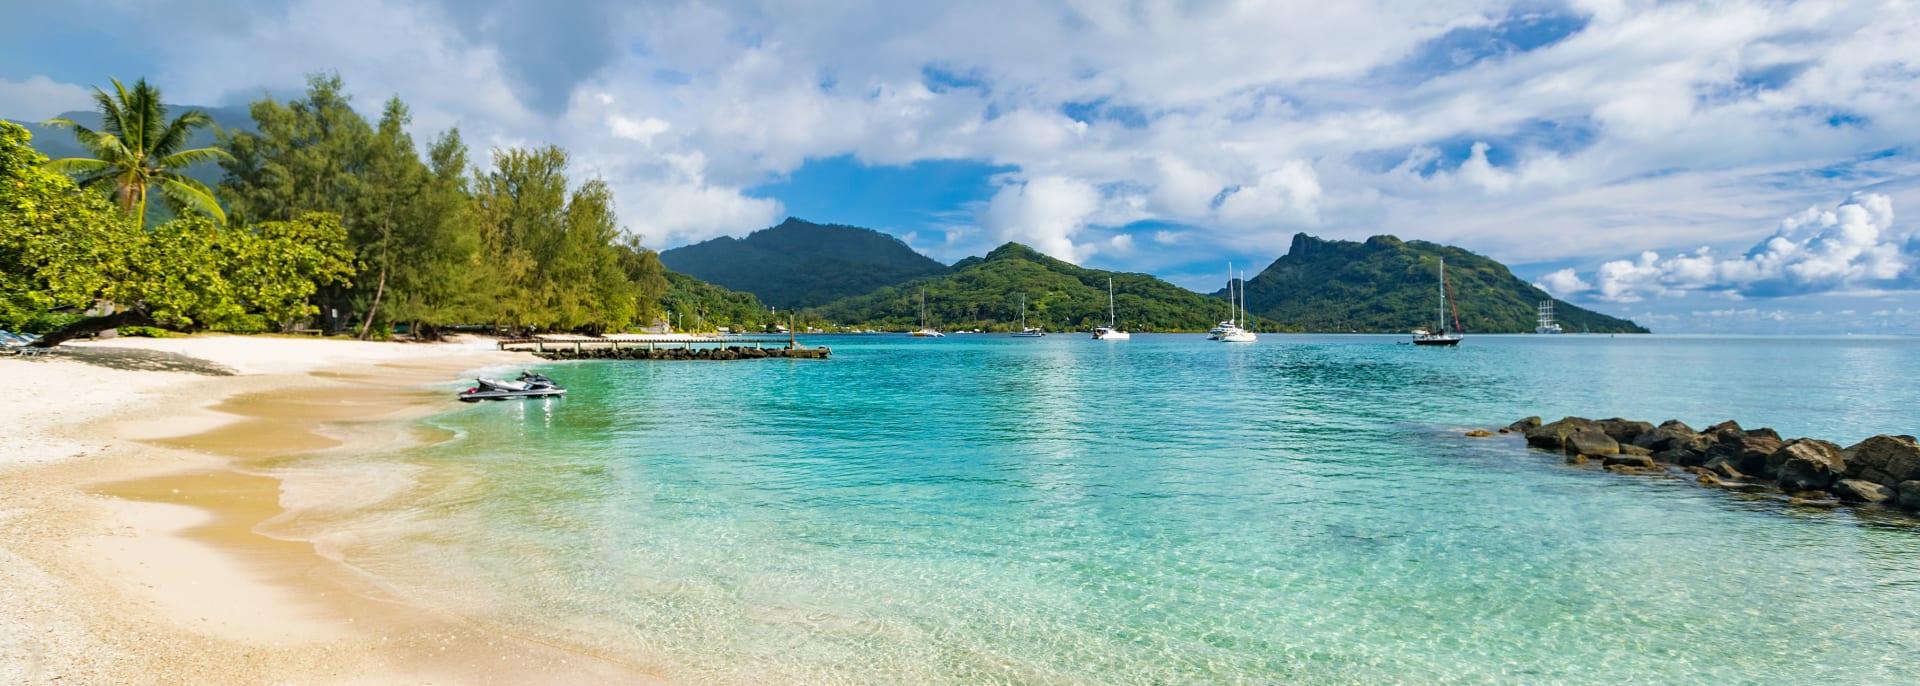 Huahine, Französisch Polynesien